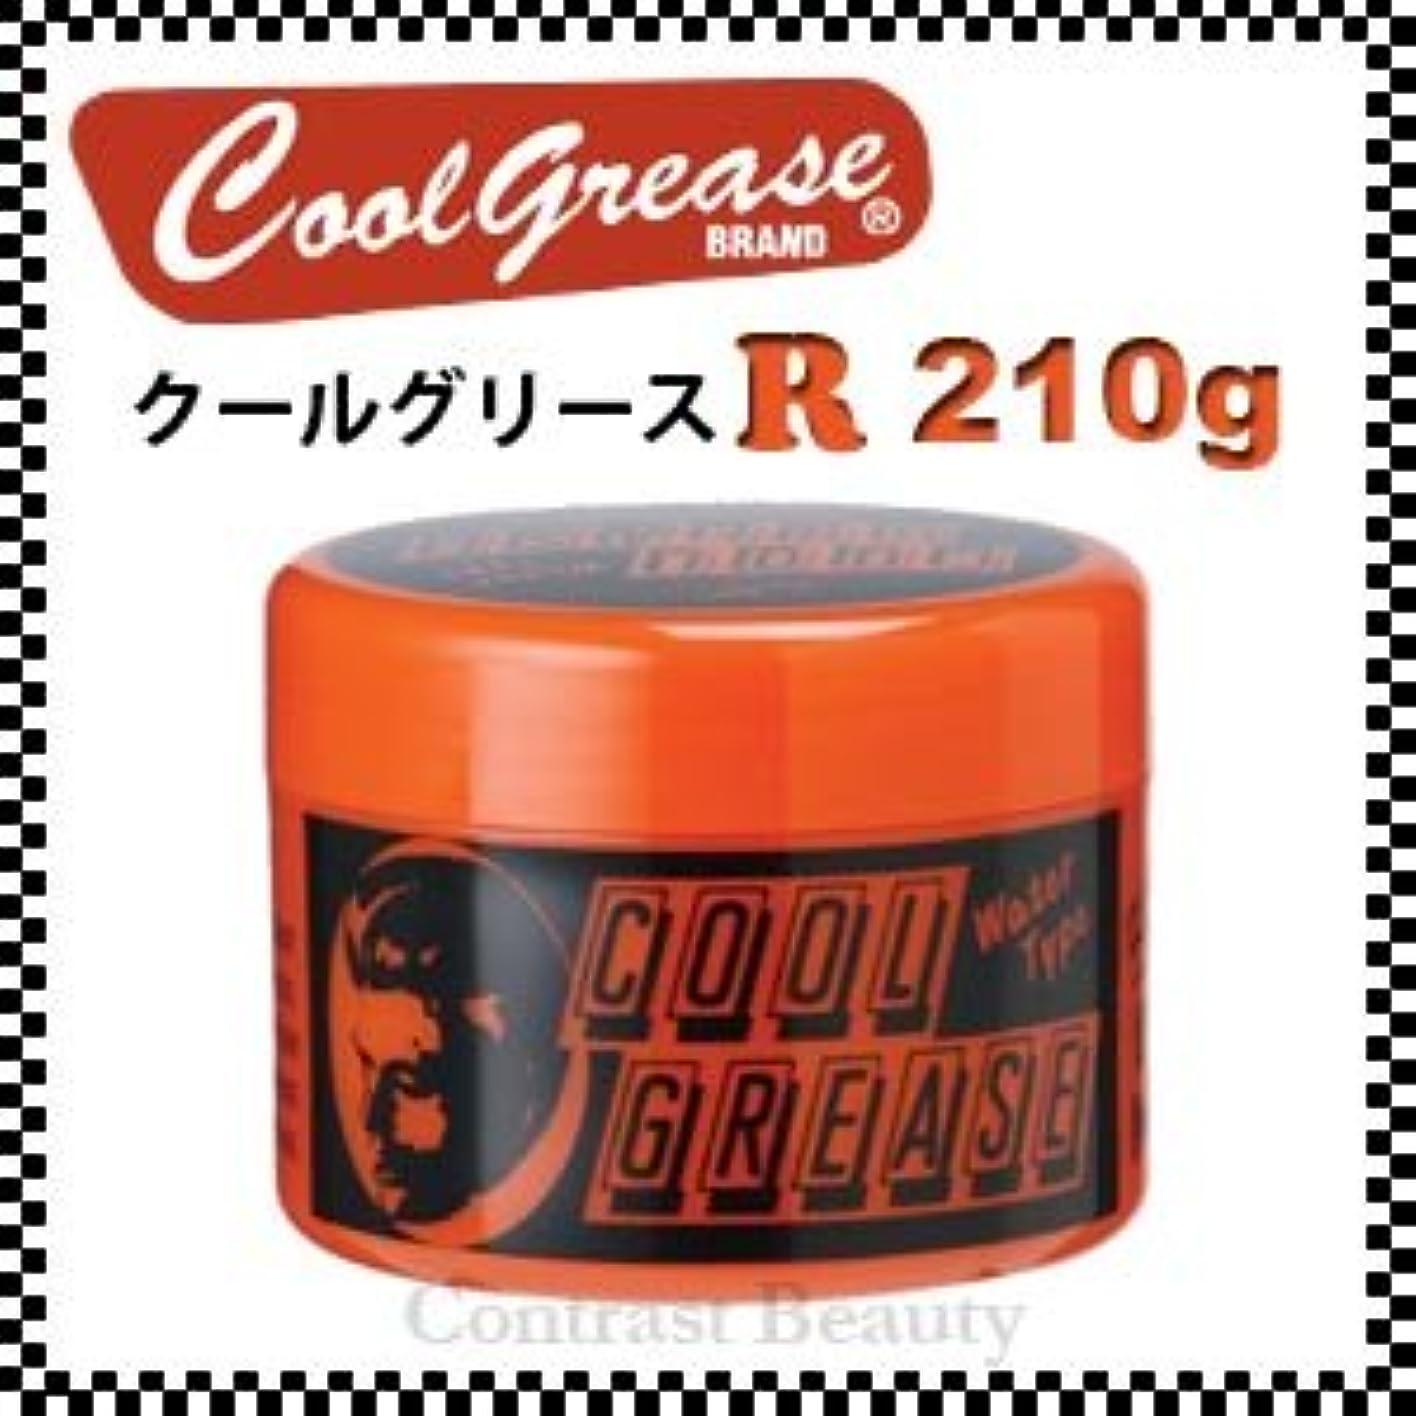 塩キリストホイットニー【X2個セット】 阪本高生堂 クールグリース R 210g